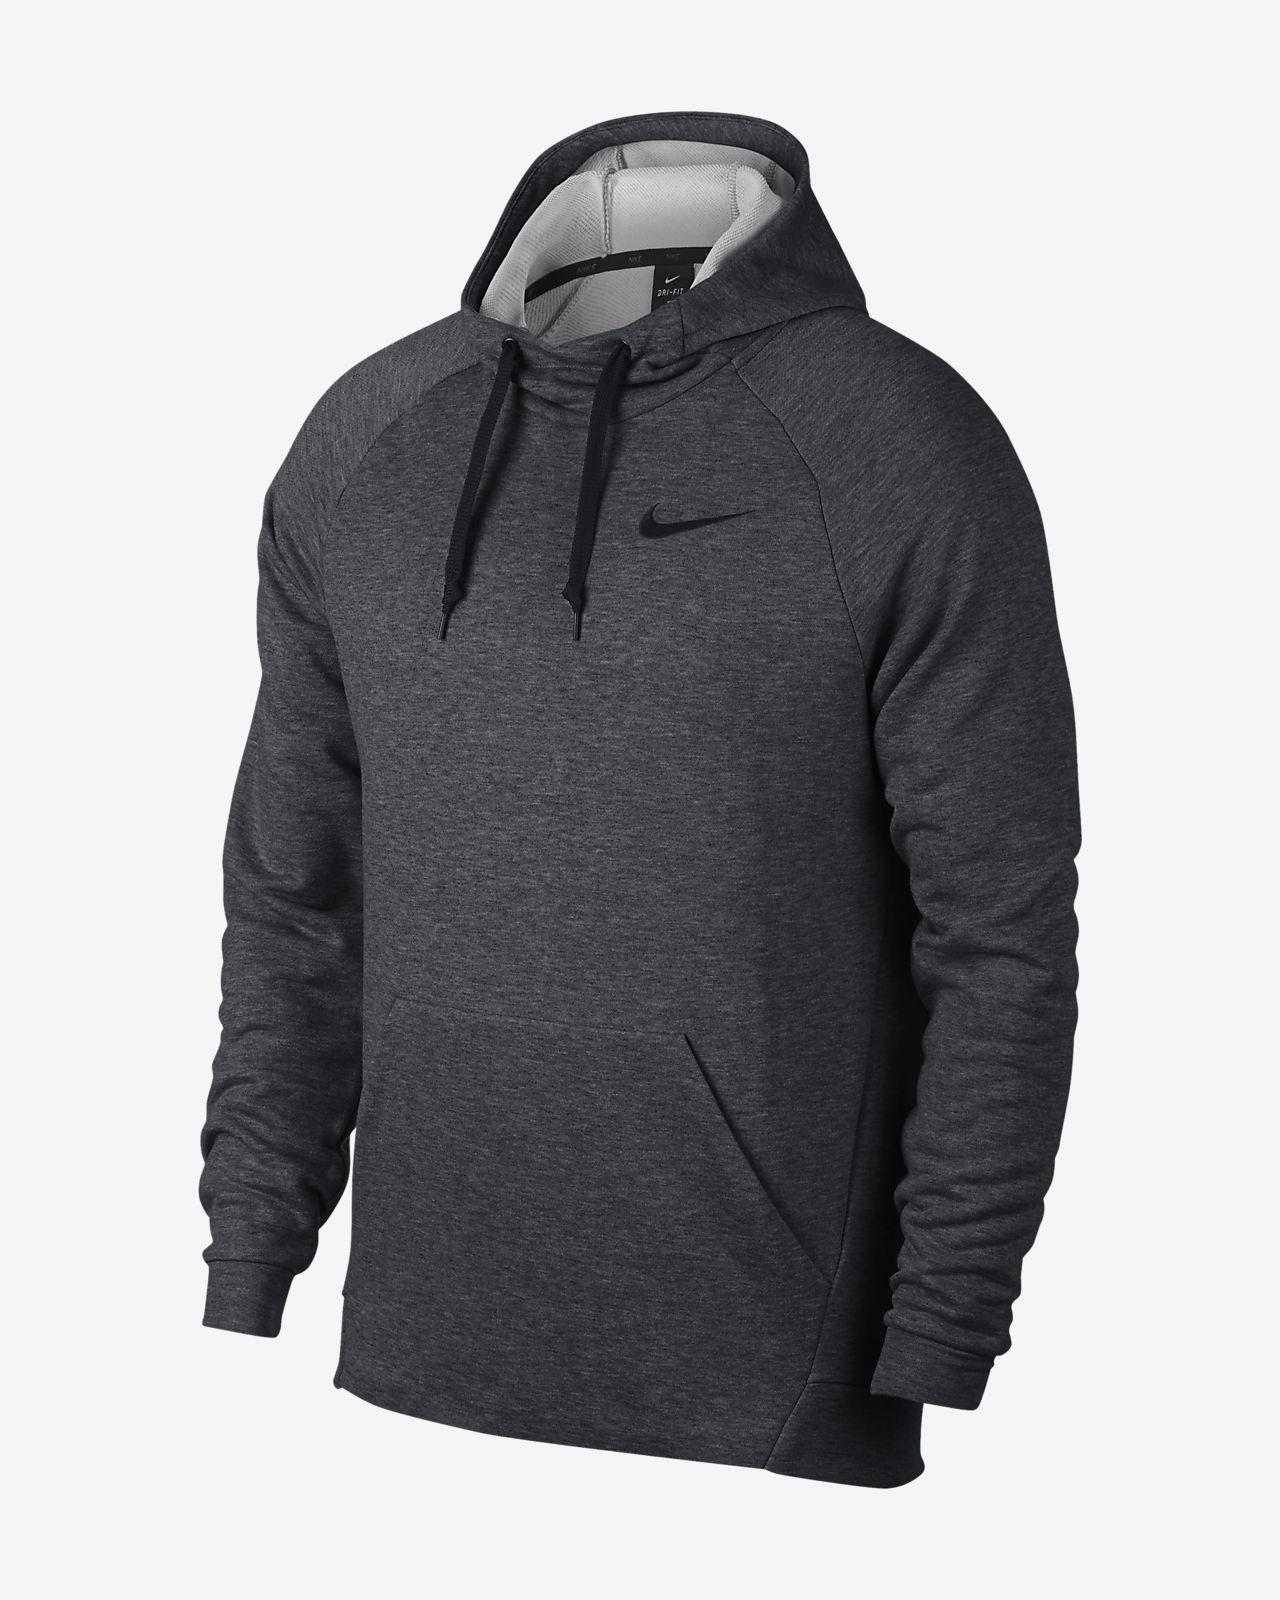 Nike Dry Hoodie Mens in 2020 | Nike men, Hoodies, Nike